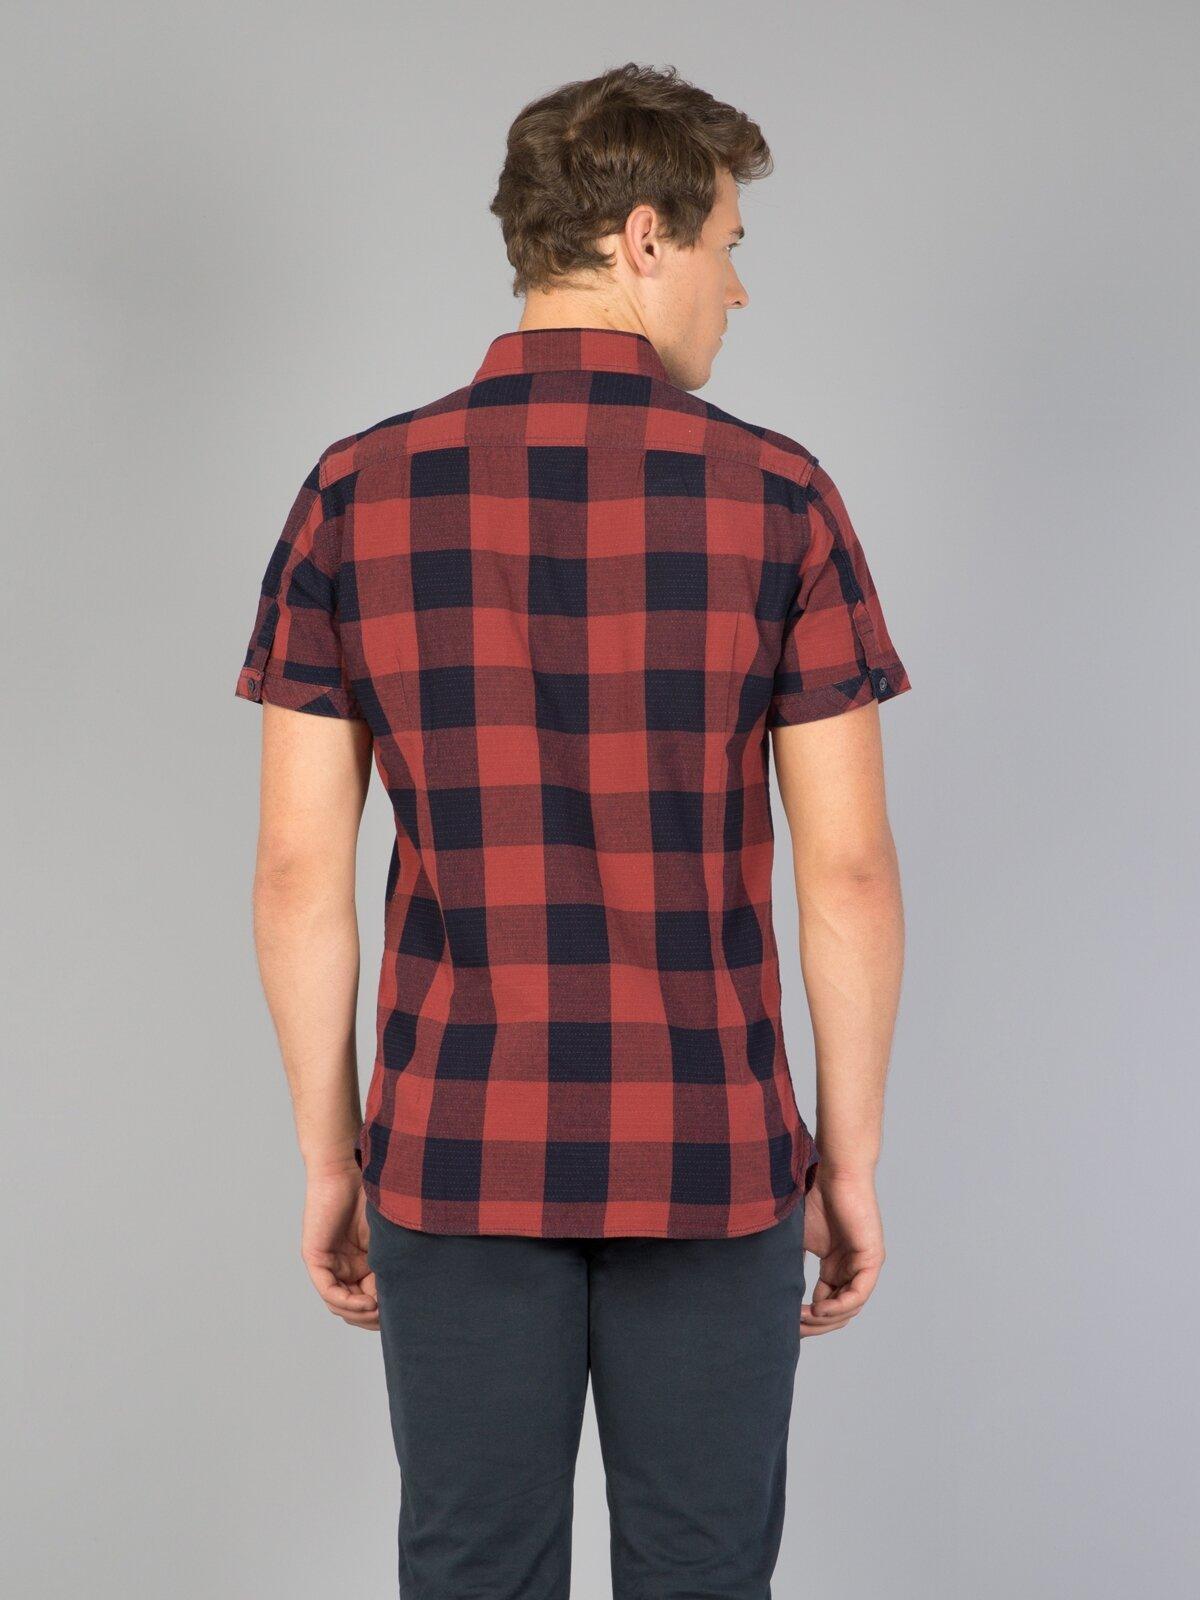 Erkek Kısa Kol Gömlek